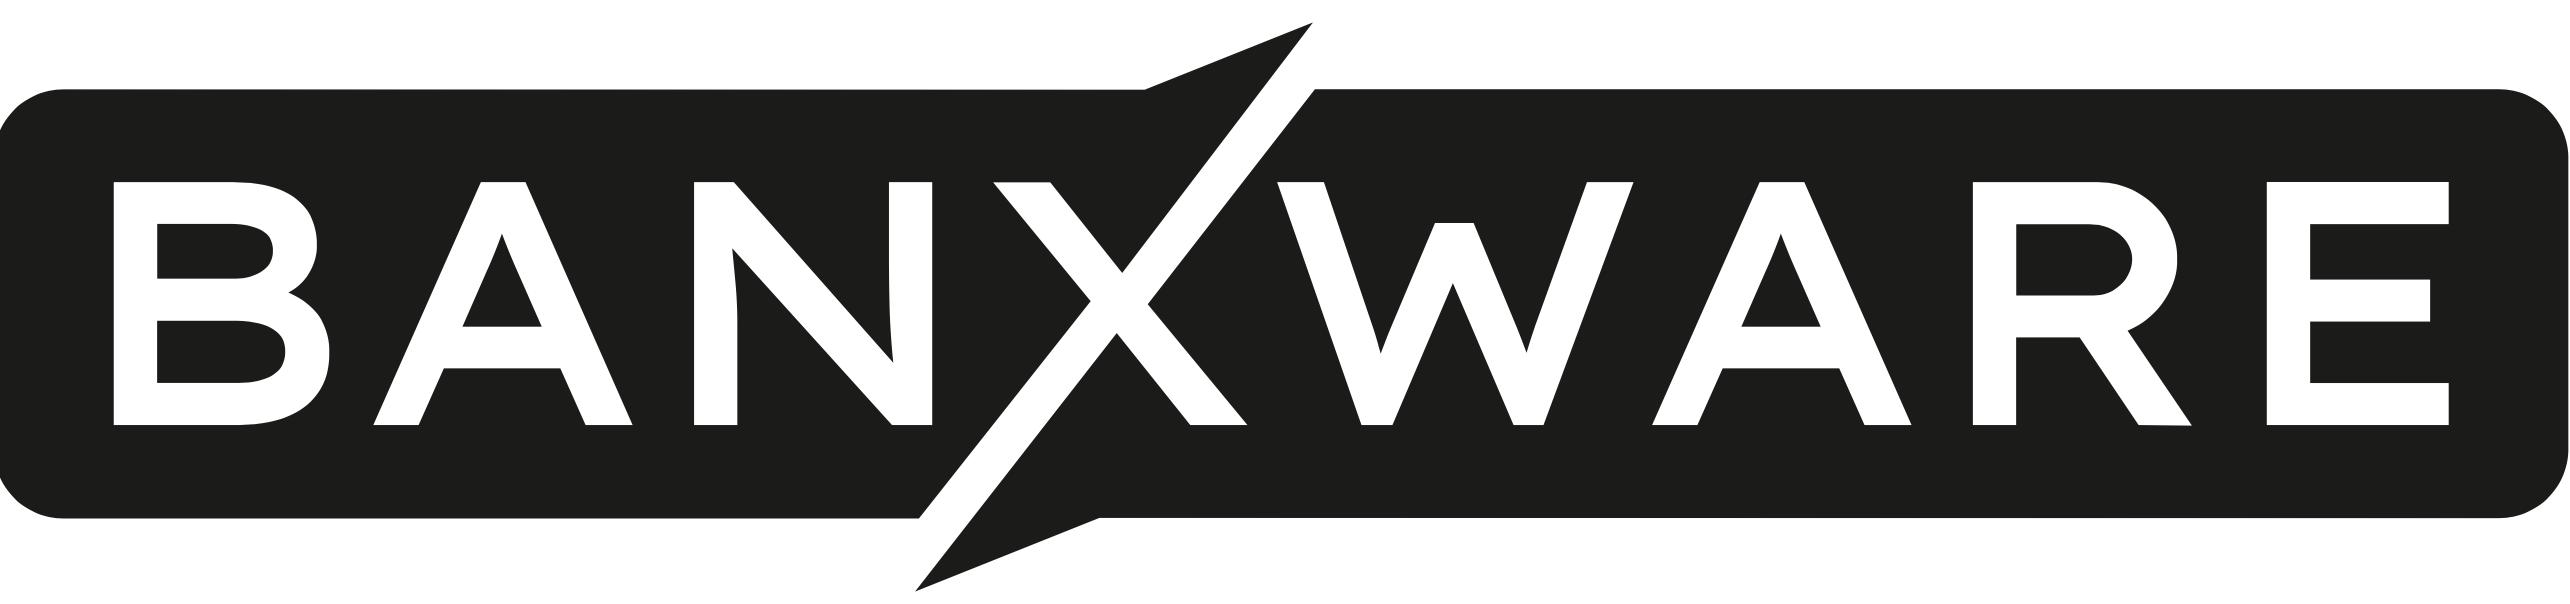 Banxware logo black png